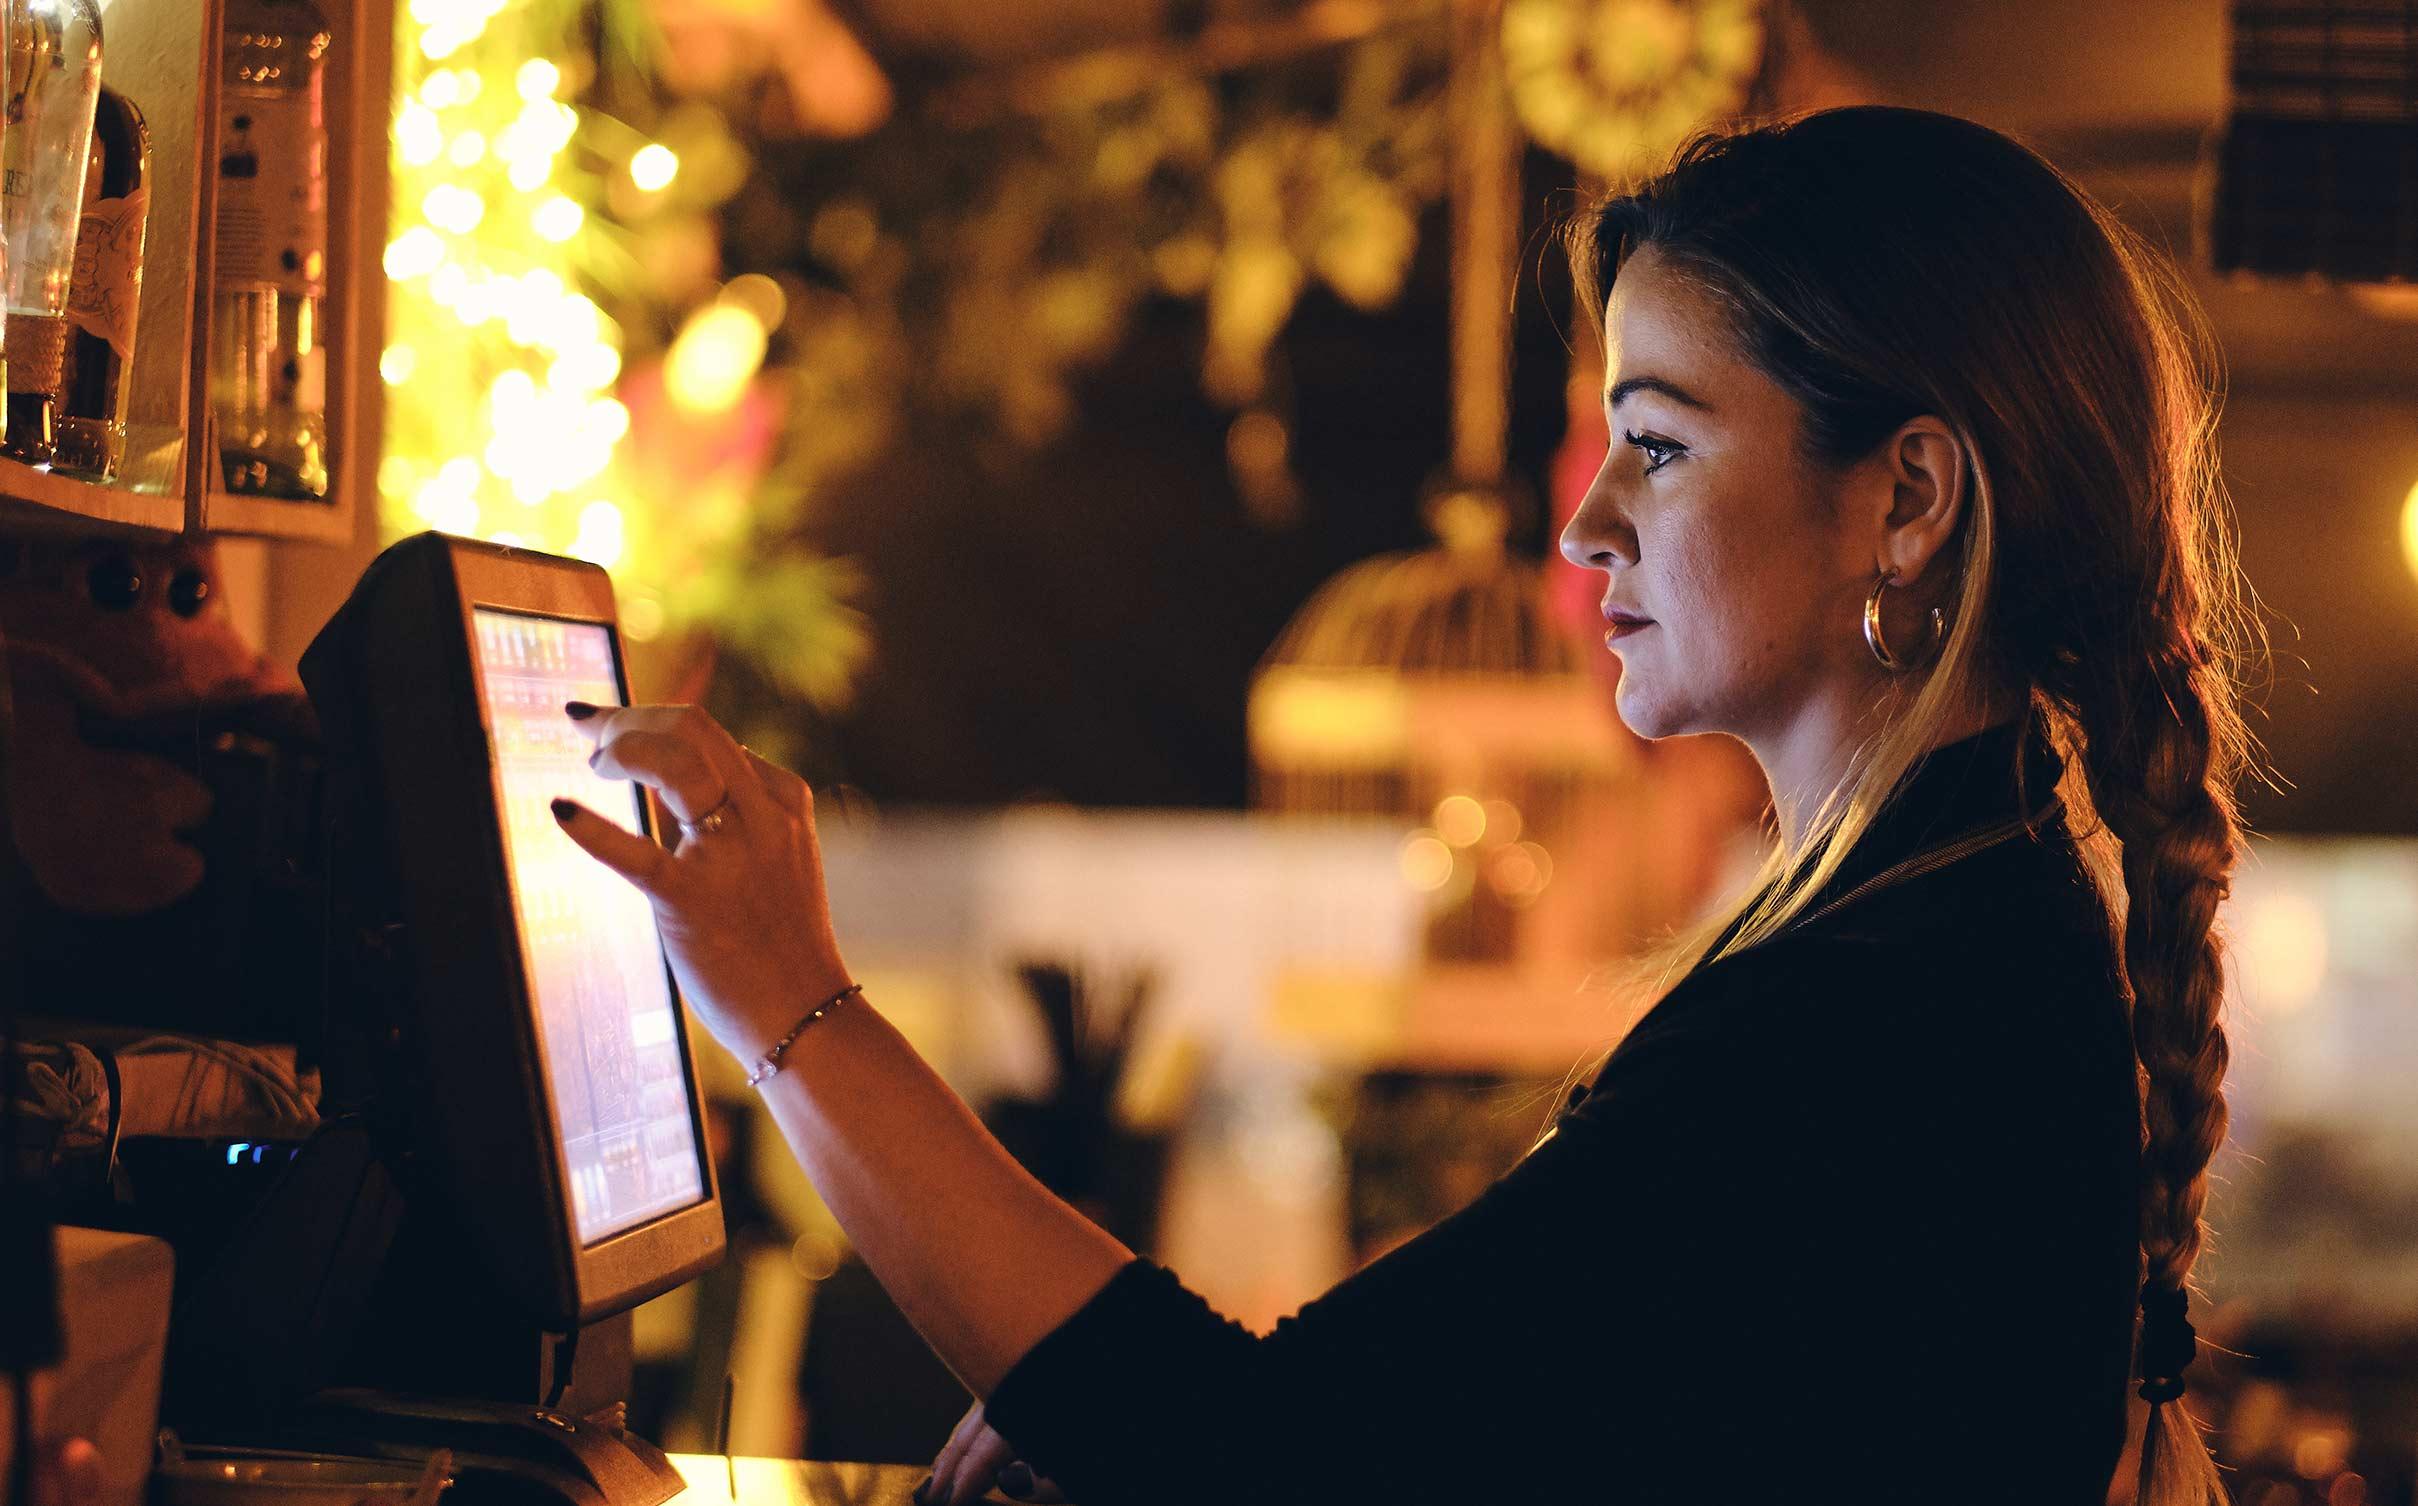 Self-ordering kiosks at restaurants